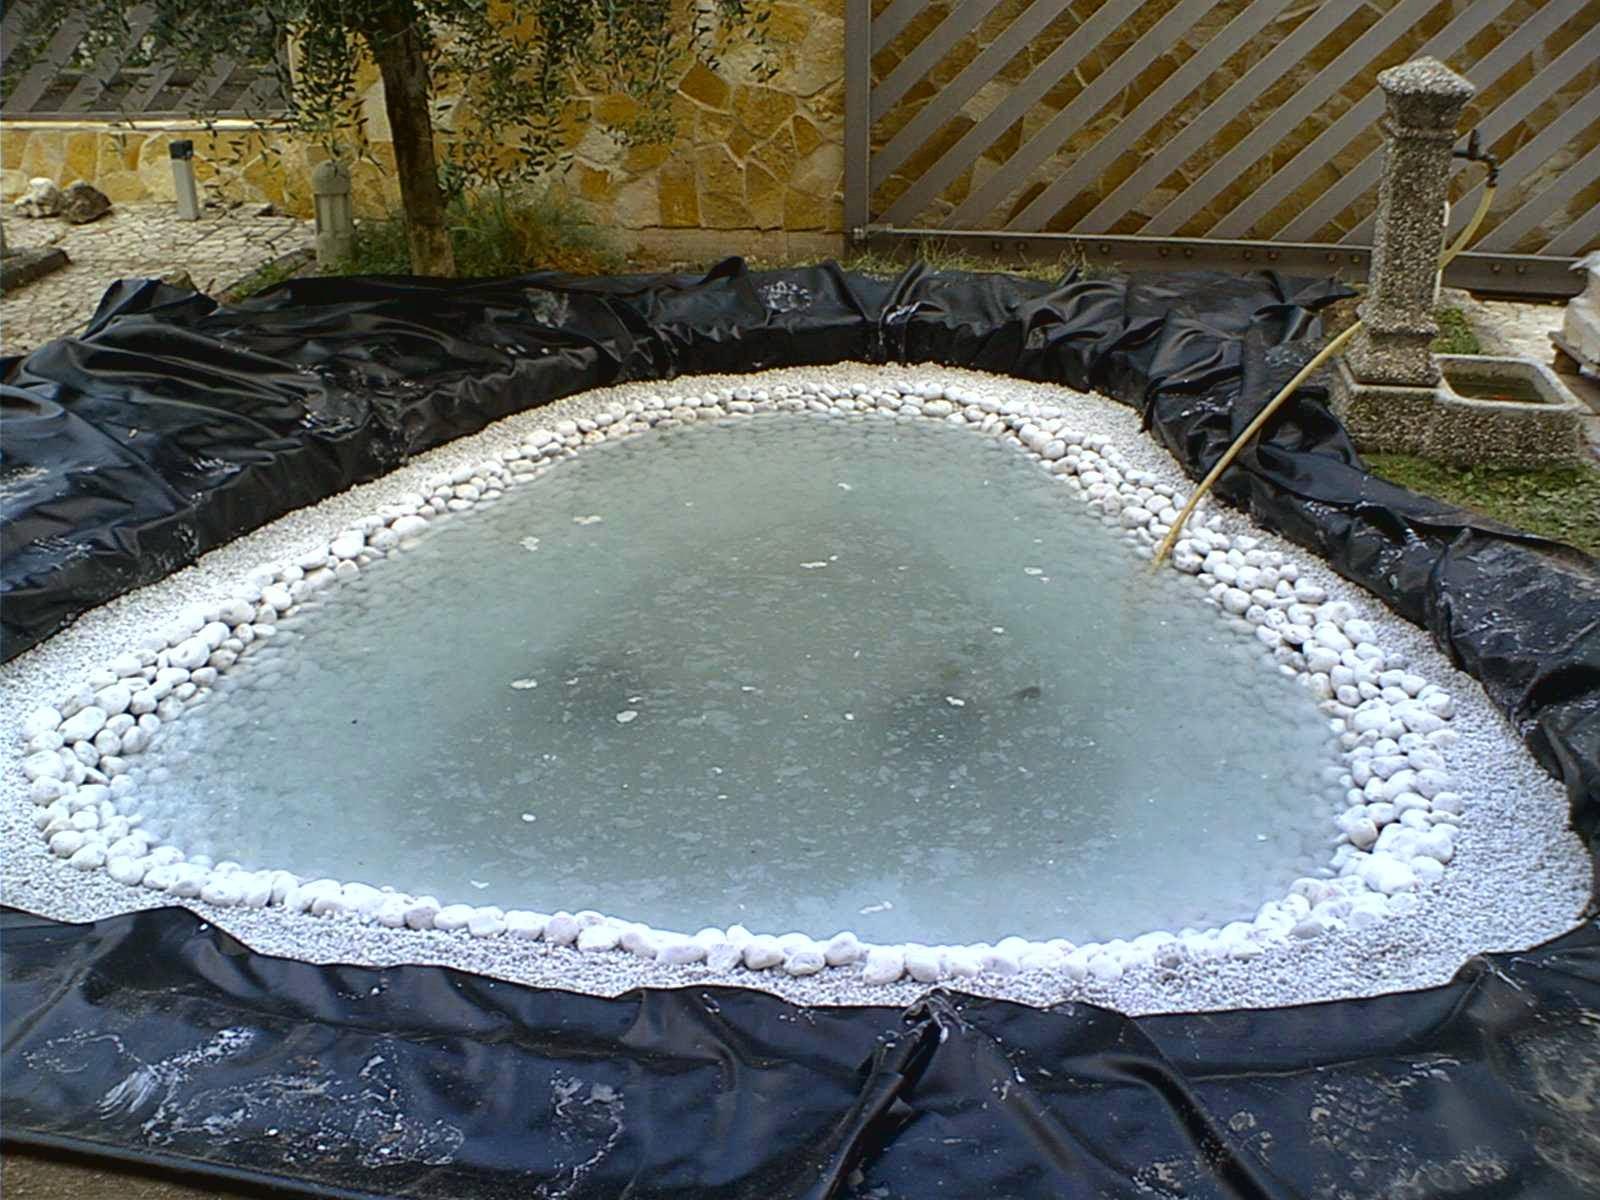 Laghetto la costruzione di un giardino acquatico for Creare un laghetto in giardino